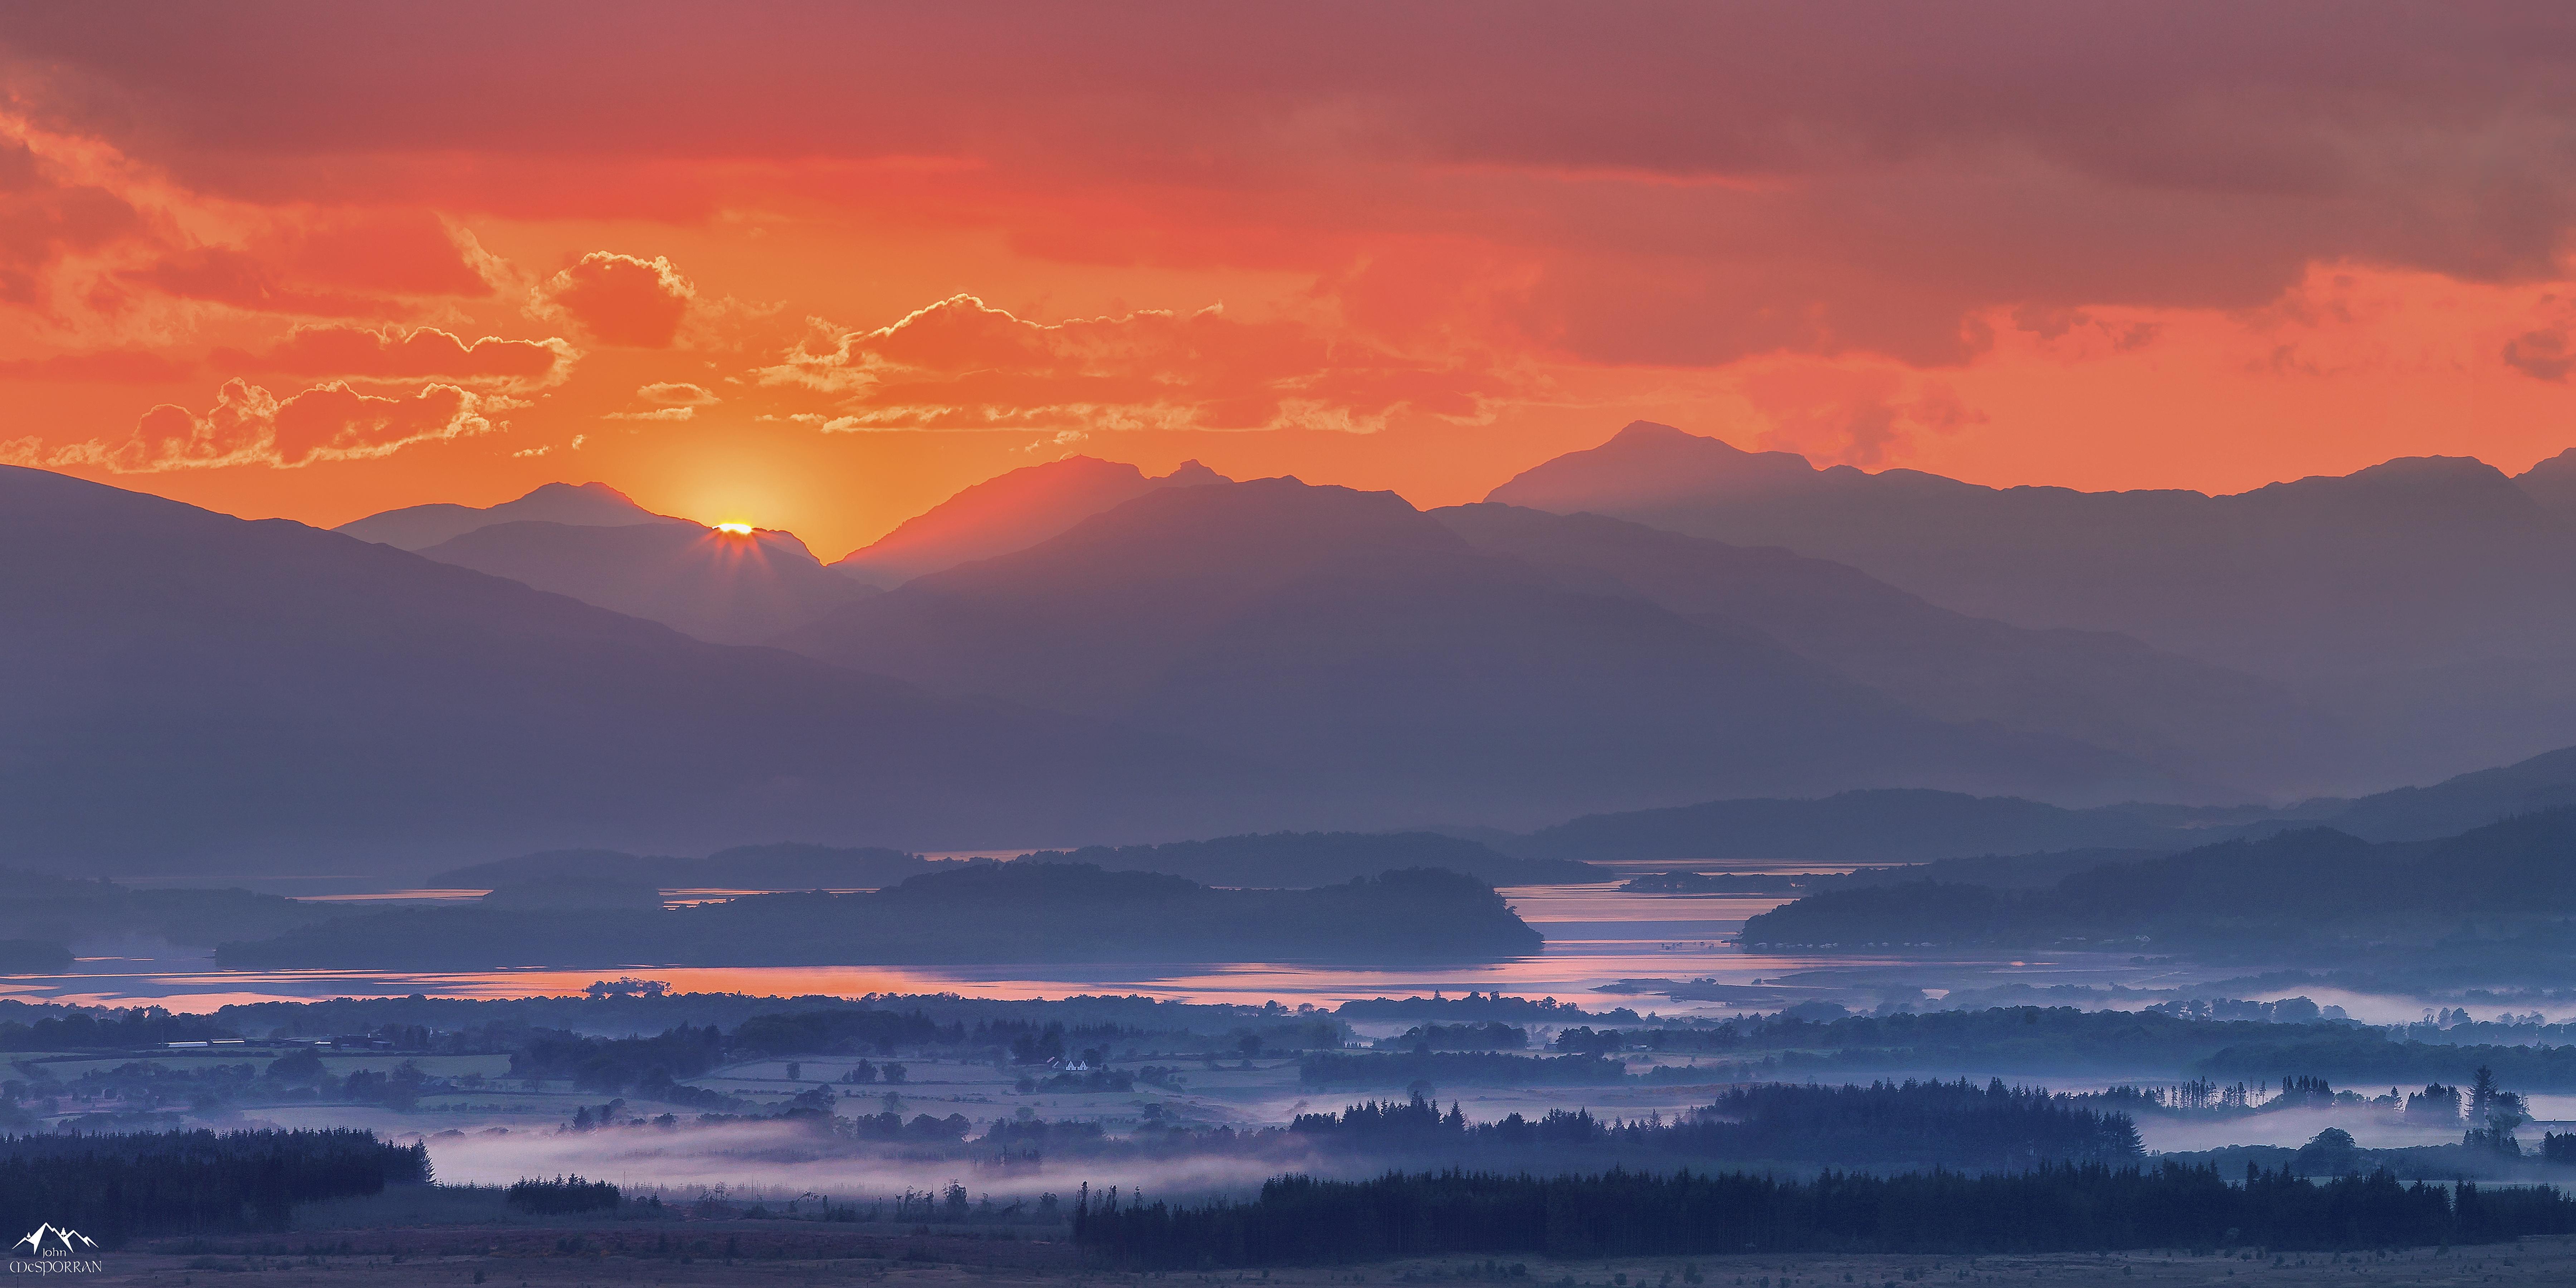 免費下載 50594: 性质, 日落, 山, 多雾路段, 雾, 苏格兰, 萝梦湖, 洛蒙德湖 桌面壁紙